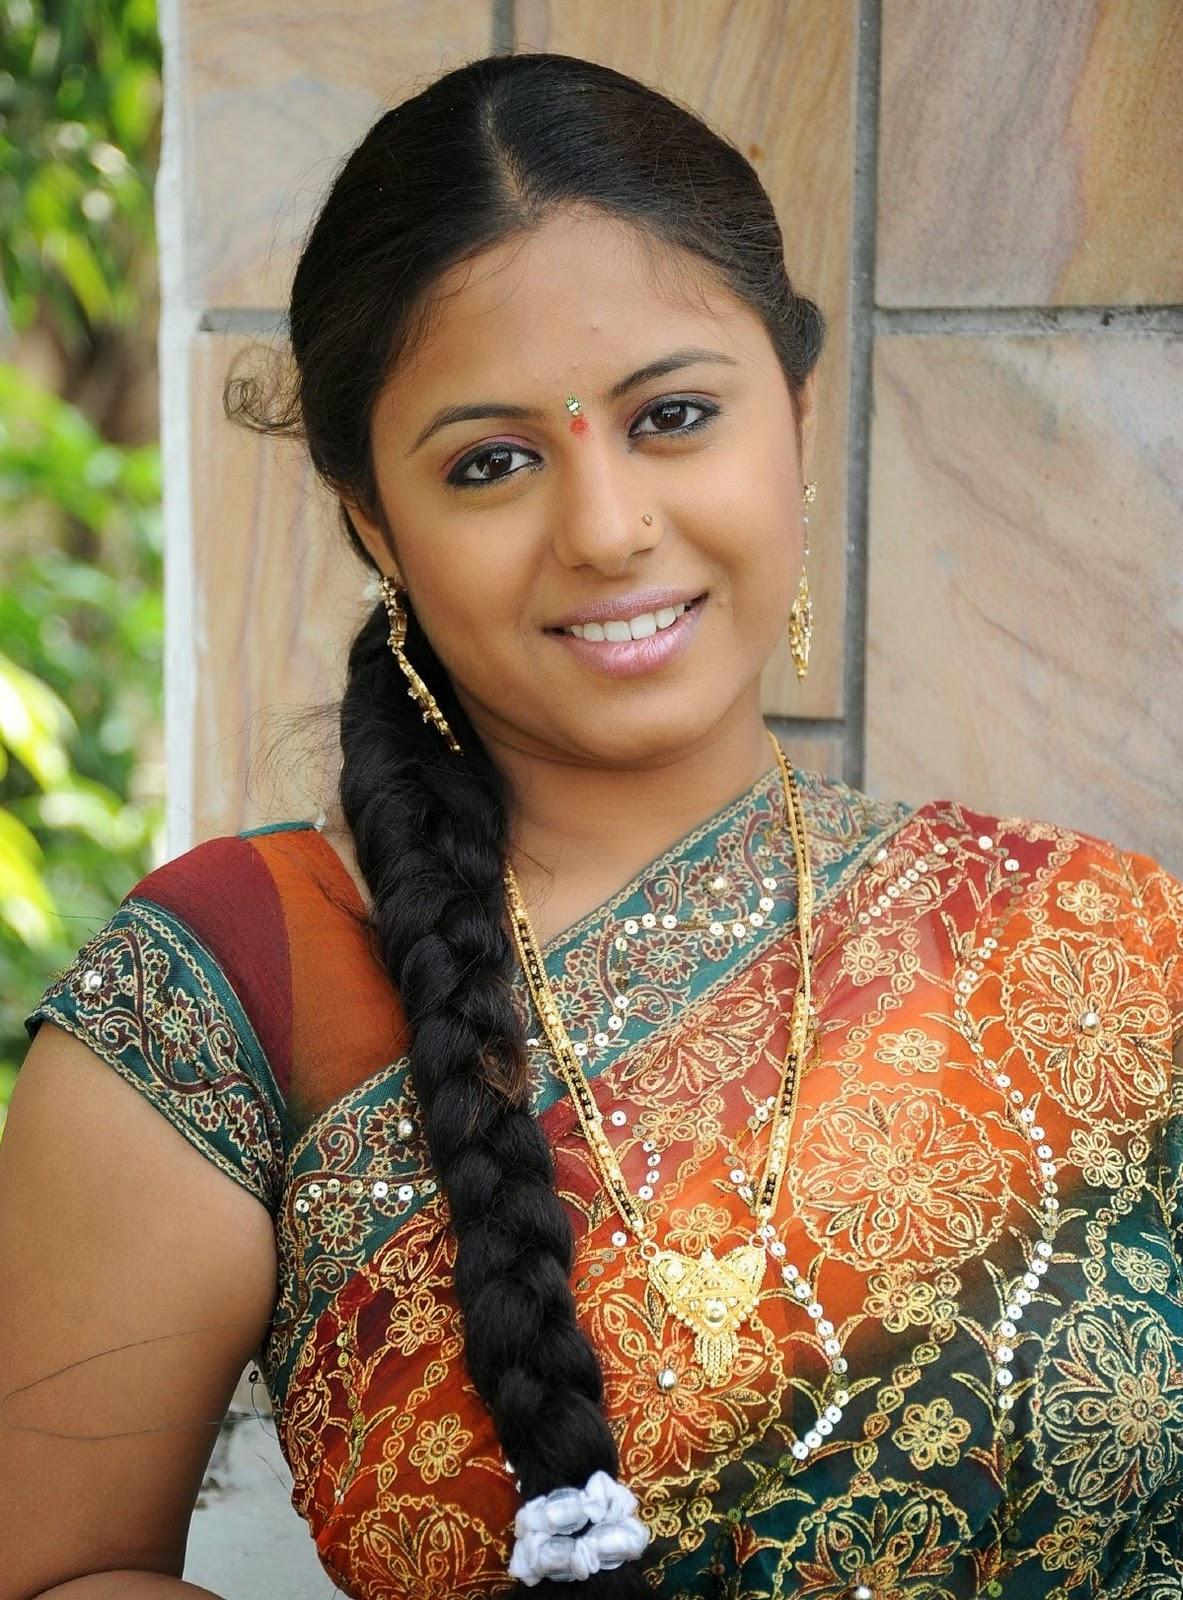 Hot indian short films facebook figar telugu hot romantic short film - 4 5